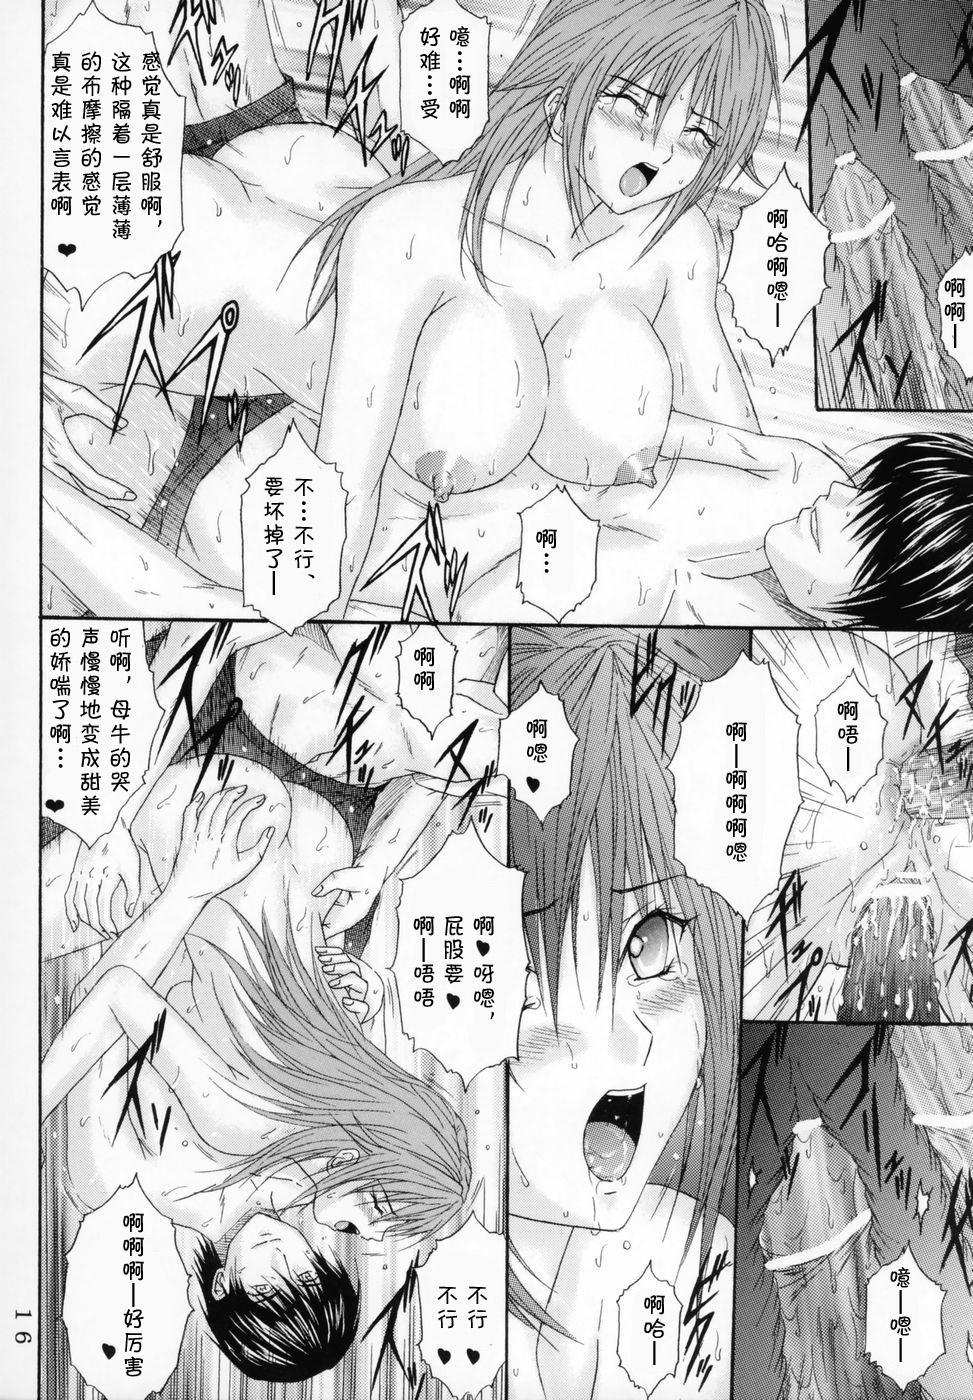 Ryoujoku Rensa 07 15